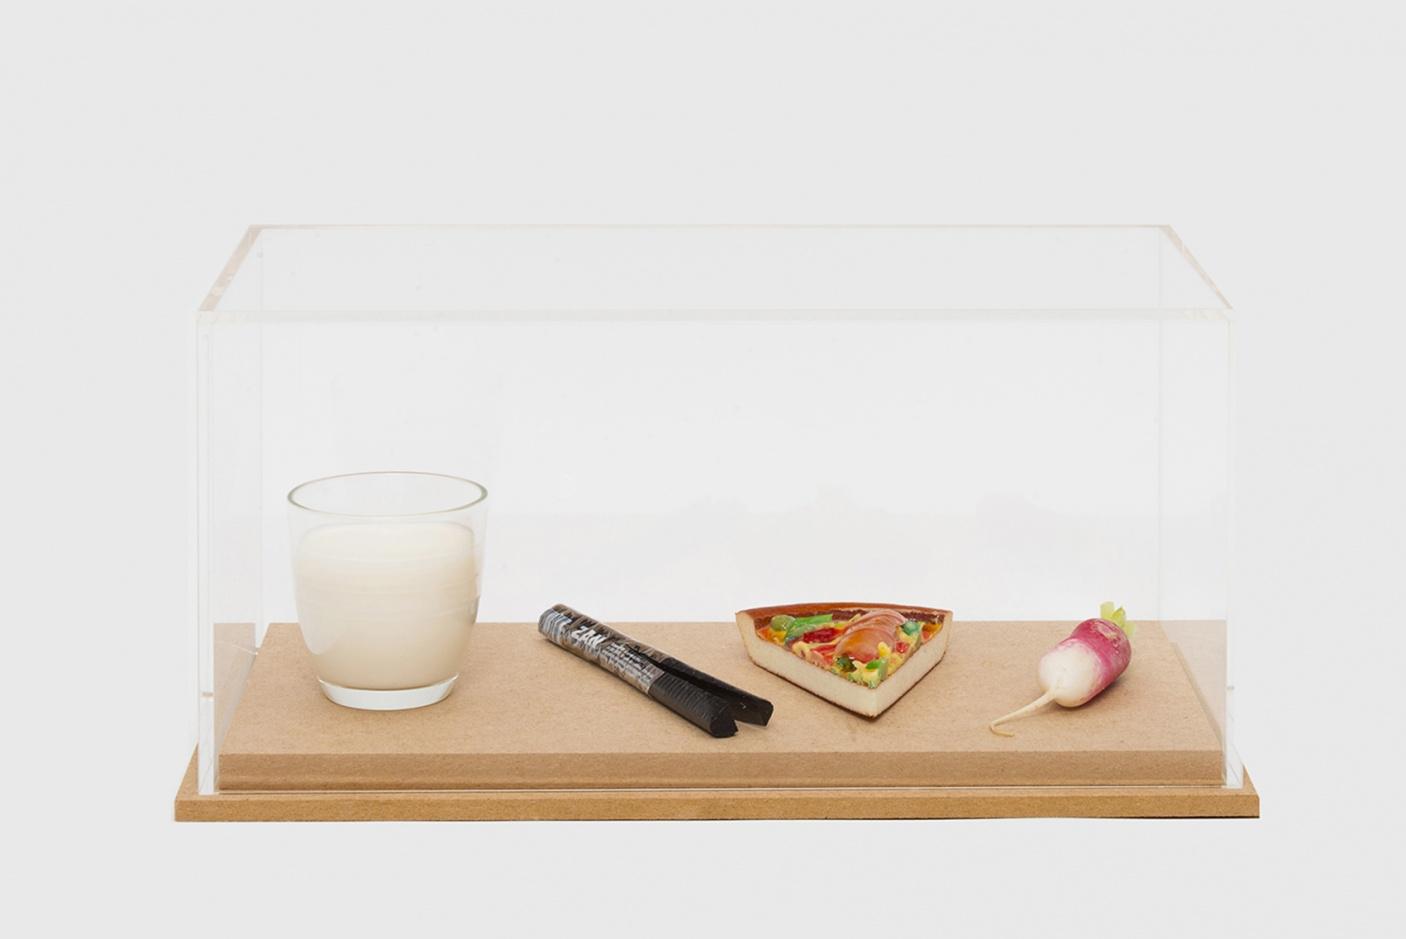 Rébus Romain Denis : lait-zan-fendu-part-radis